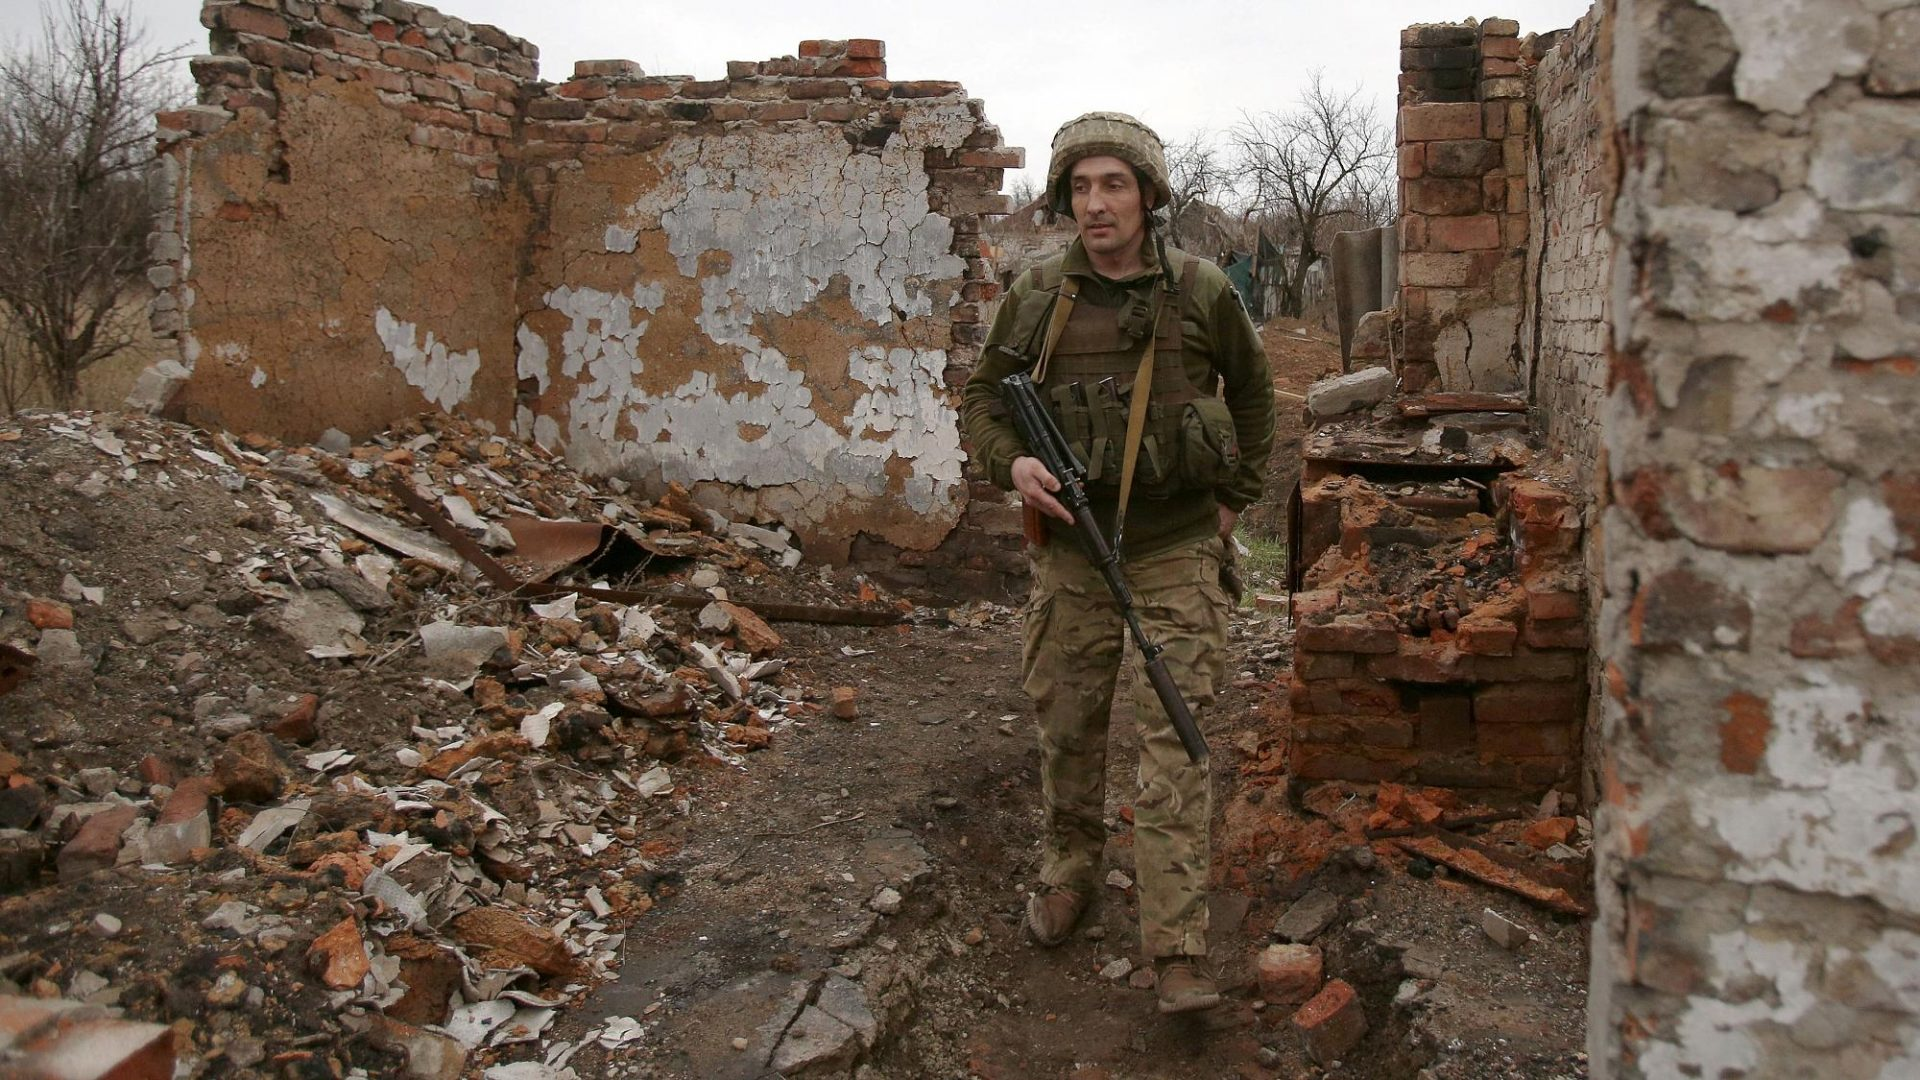 უკრაინელი სამხედრო